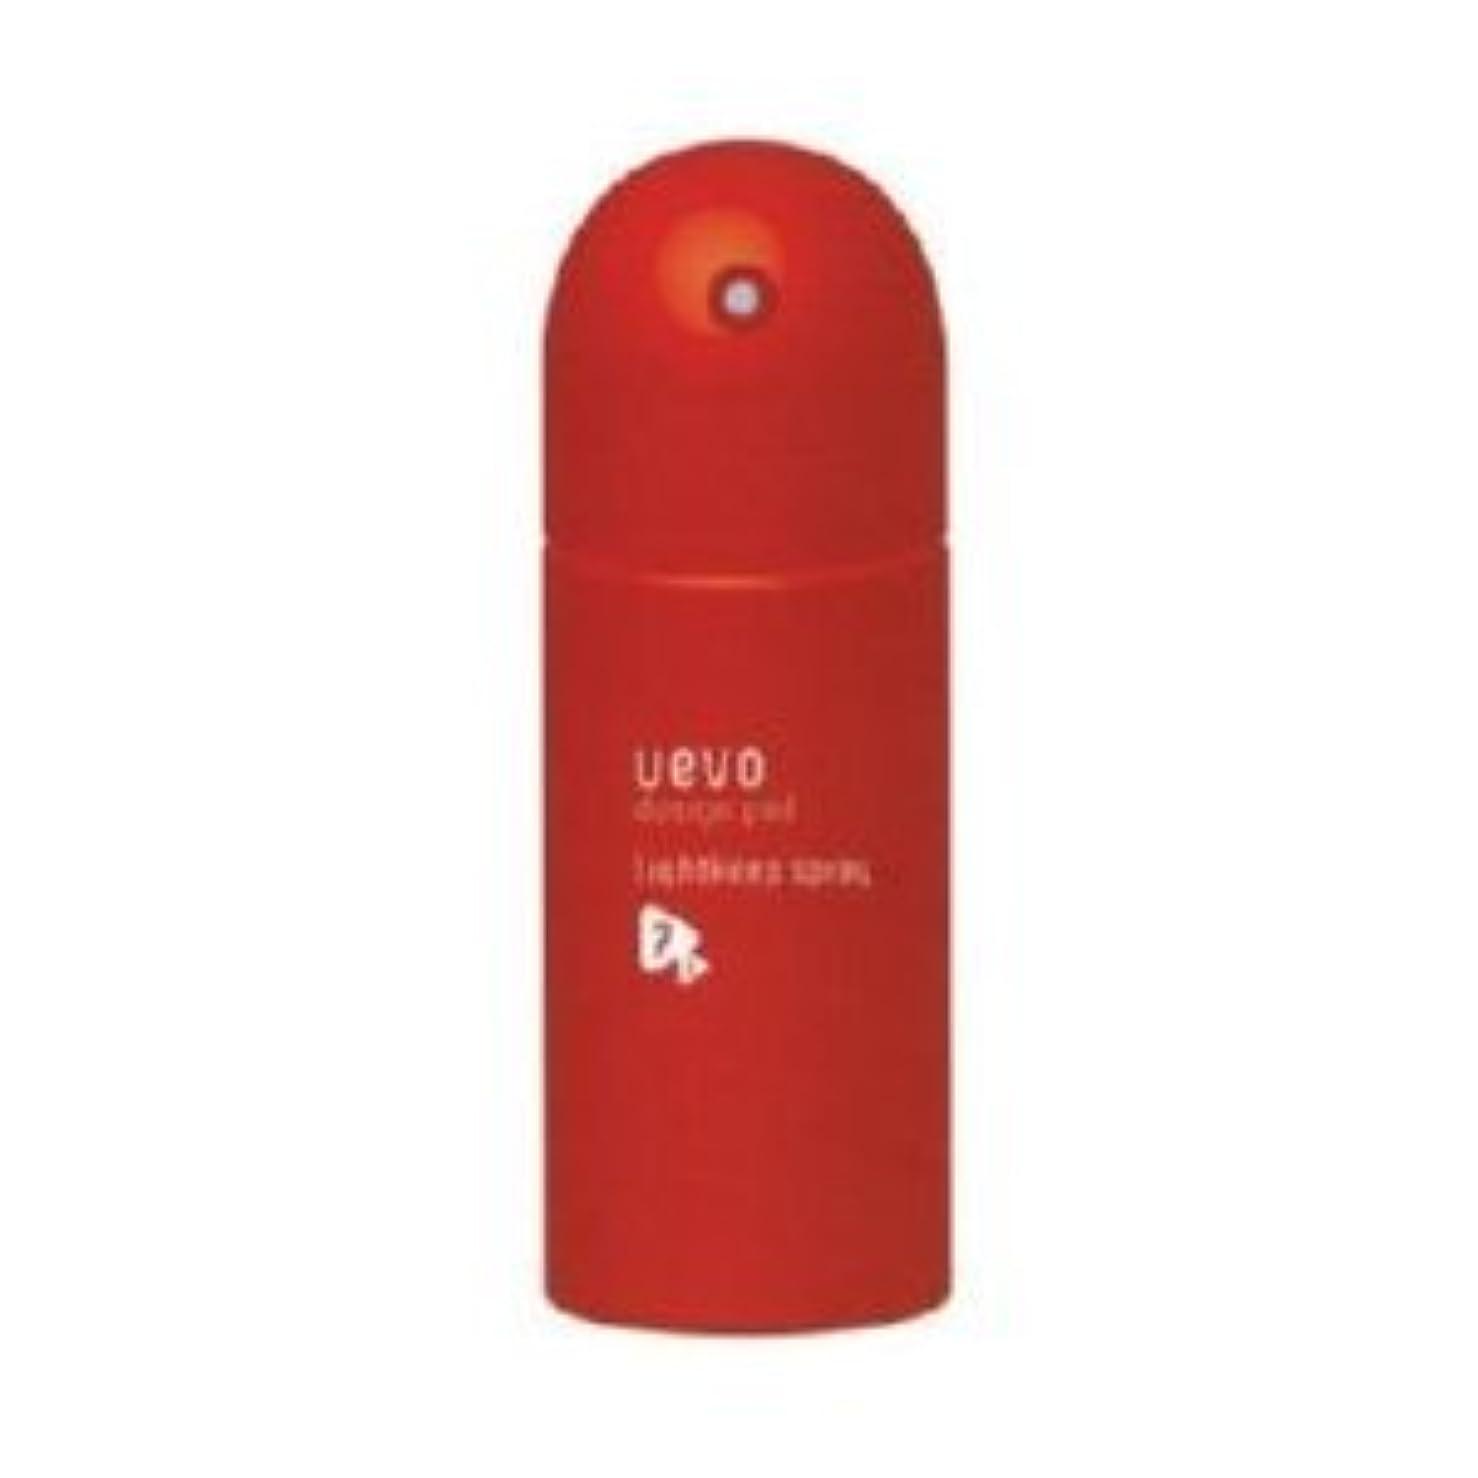 素晴らしい良い多くのランダム憂鬱【X2個セット】 デミ ウェーボ デザインポッド ライトキープスプレー 220ml lightkeep spray DEMI uevo design pod